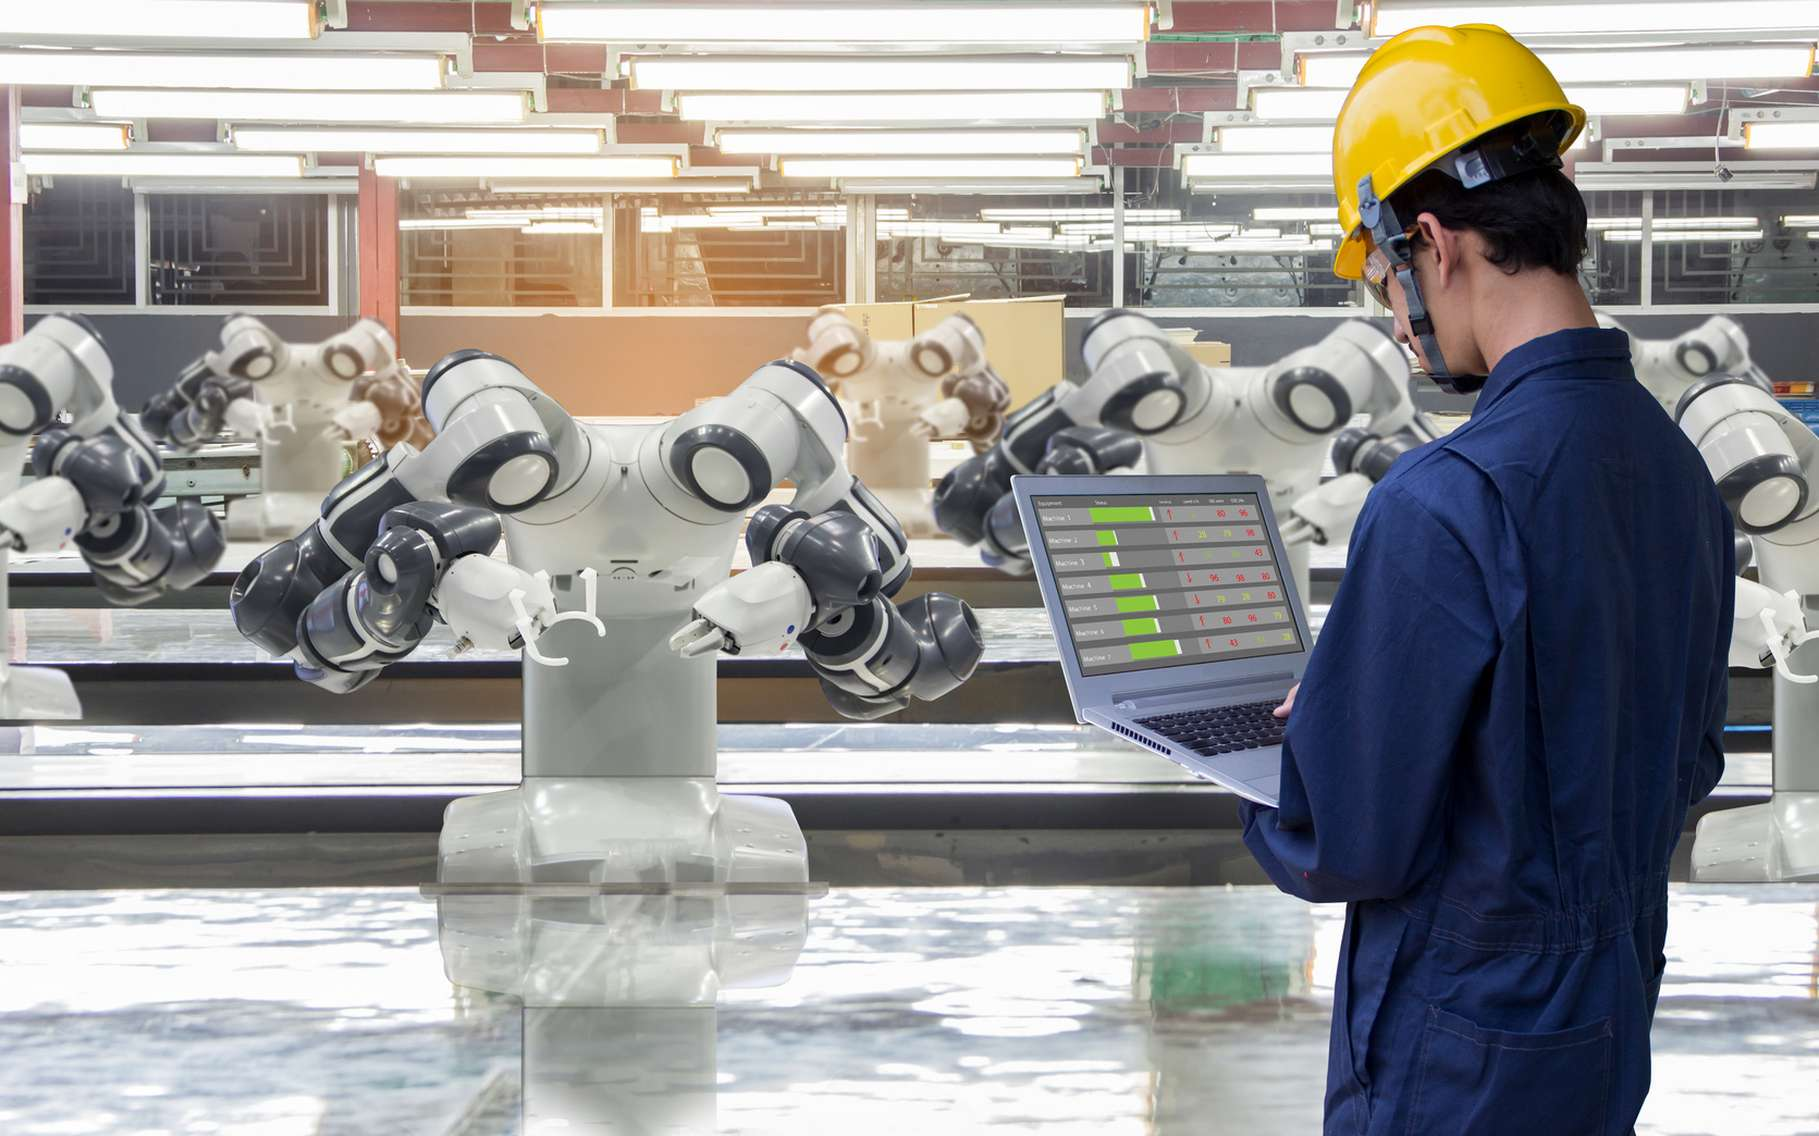 L'industrie 4.0 est en marche. © Poobest, fotolia